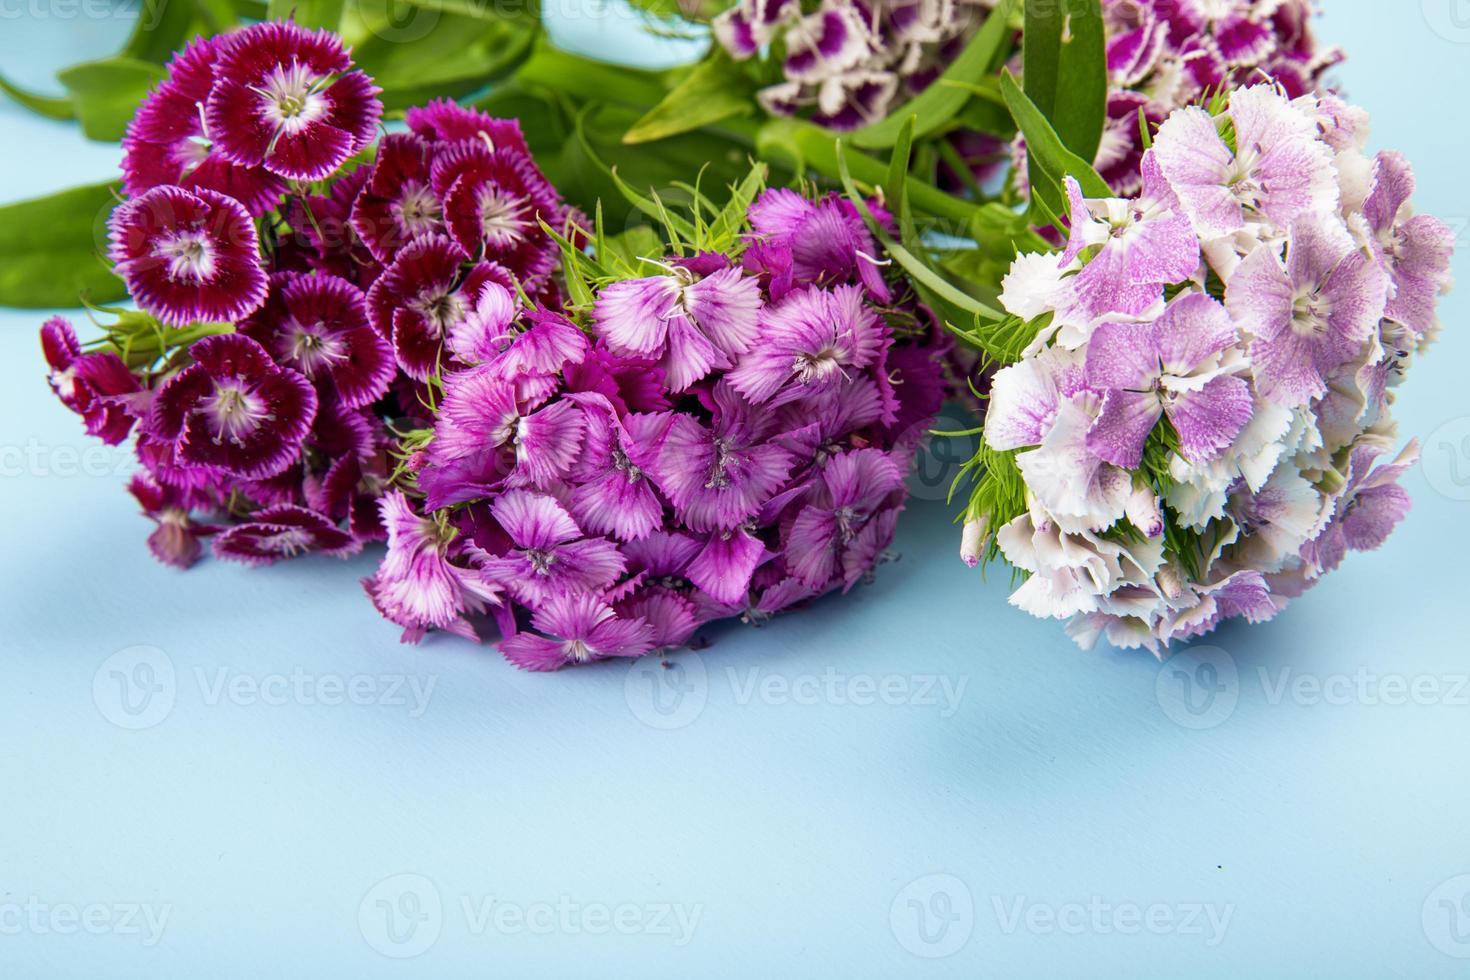 paarse bloemen op een blauwe achtergrond foto